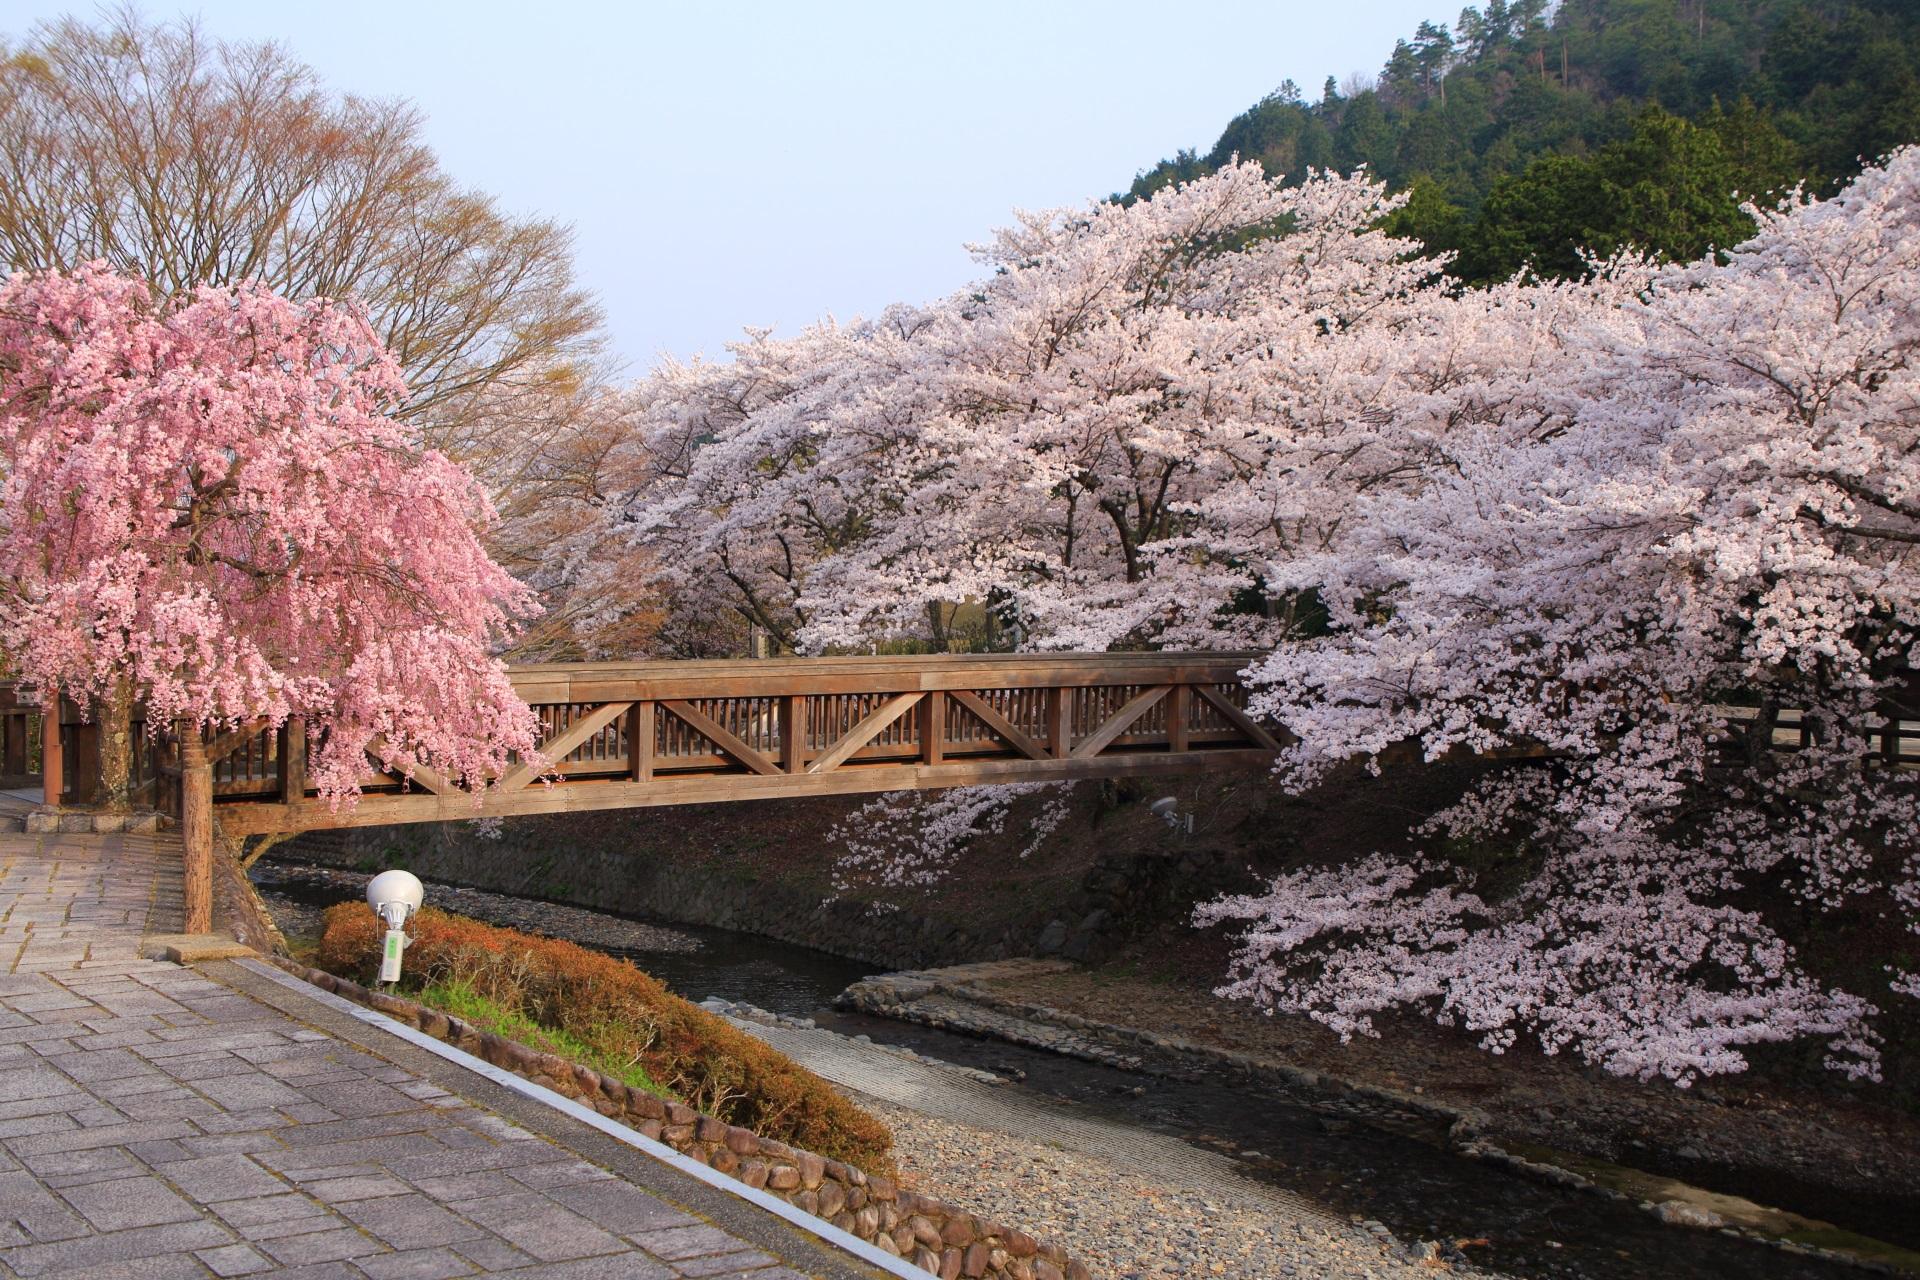 七谷川の木の橋と桜